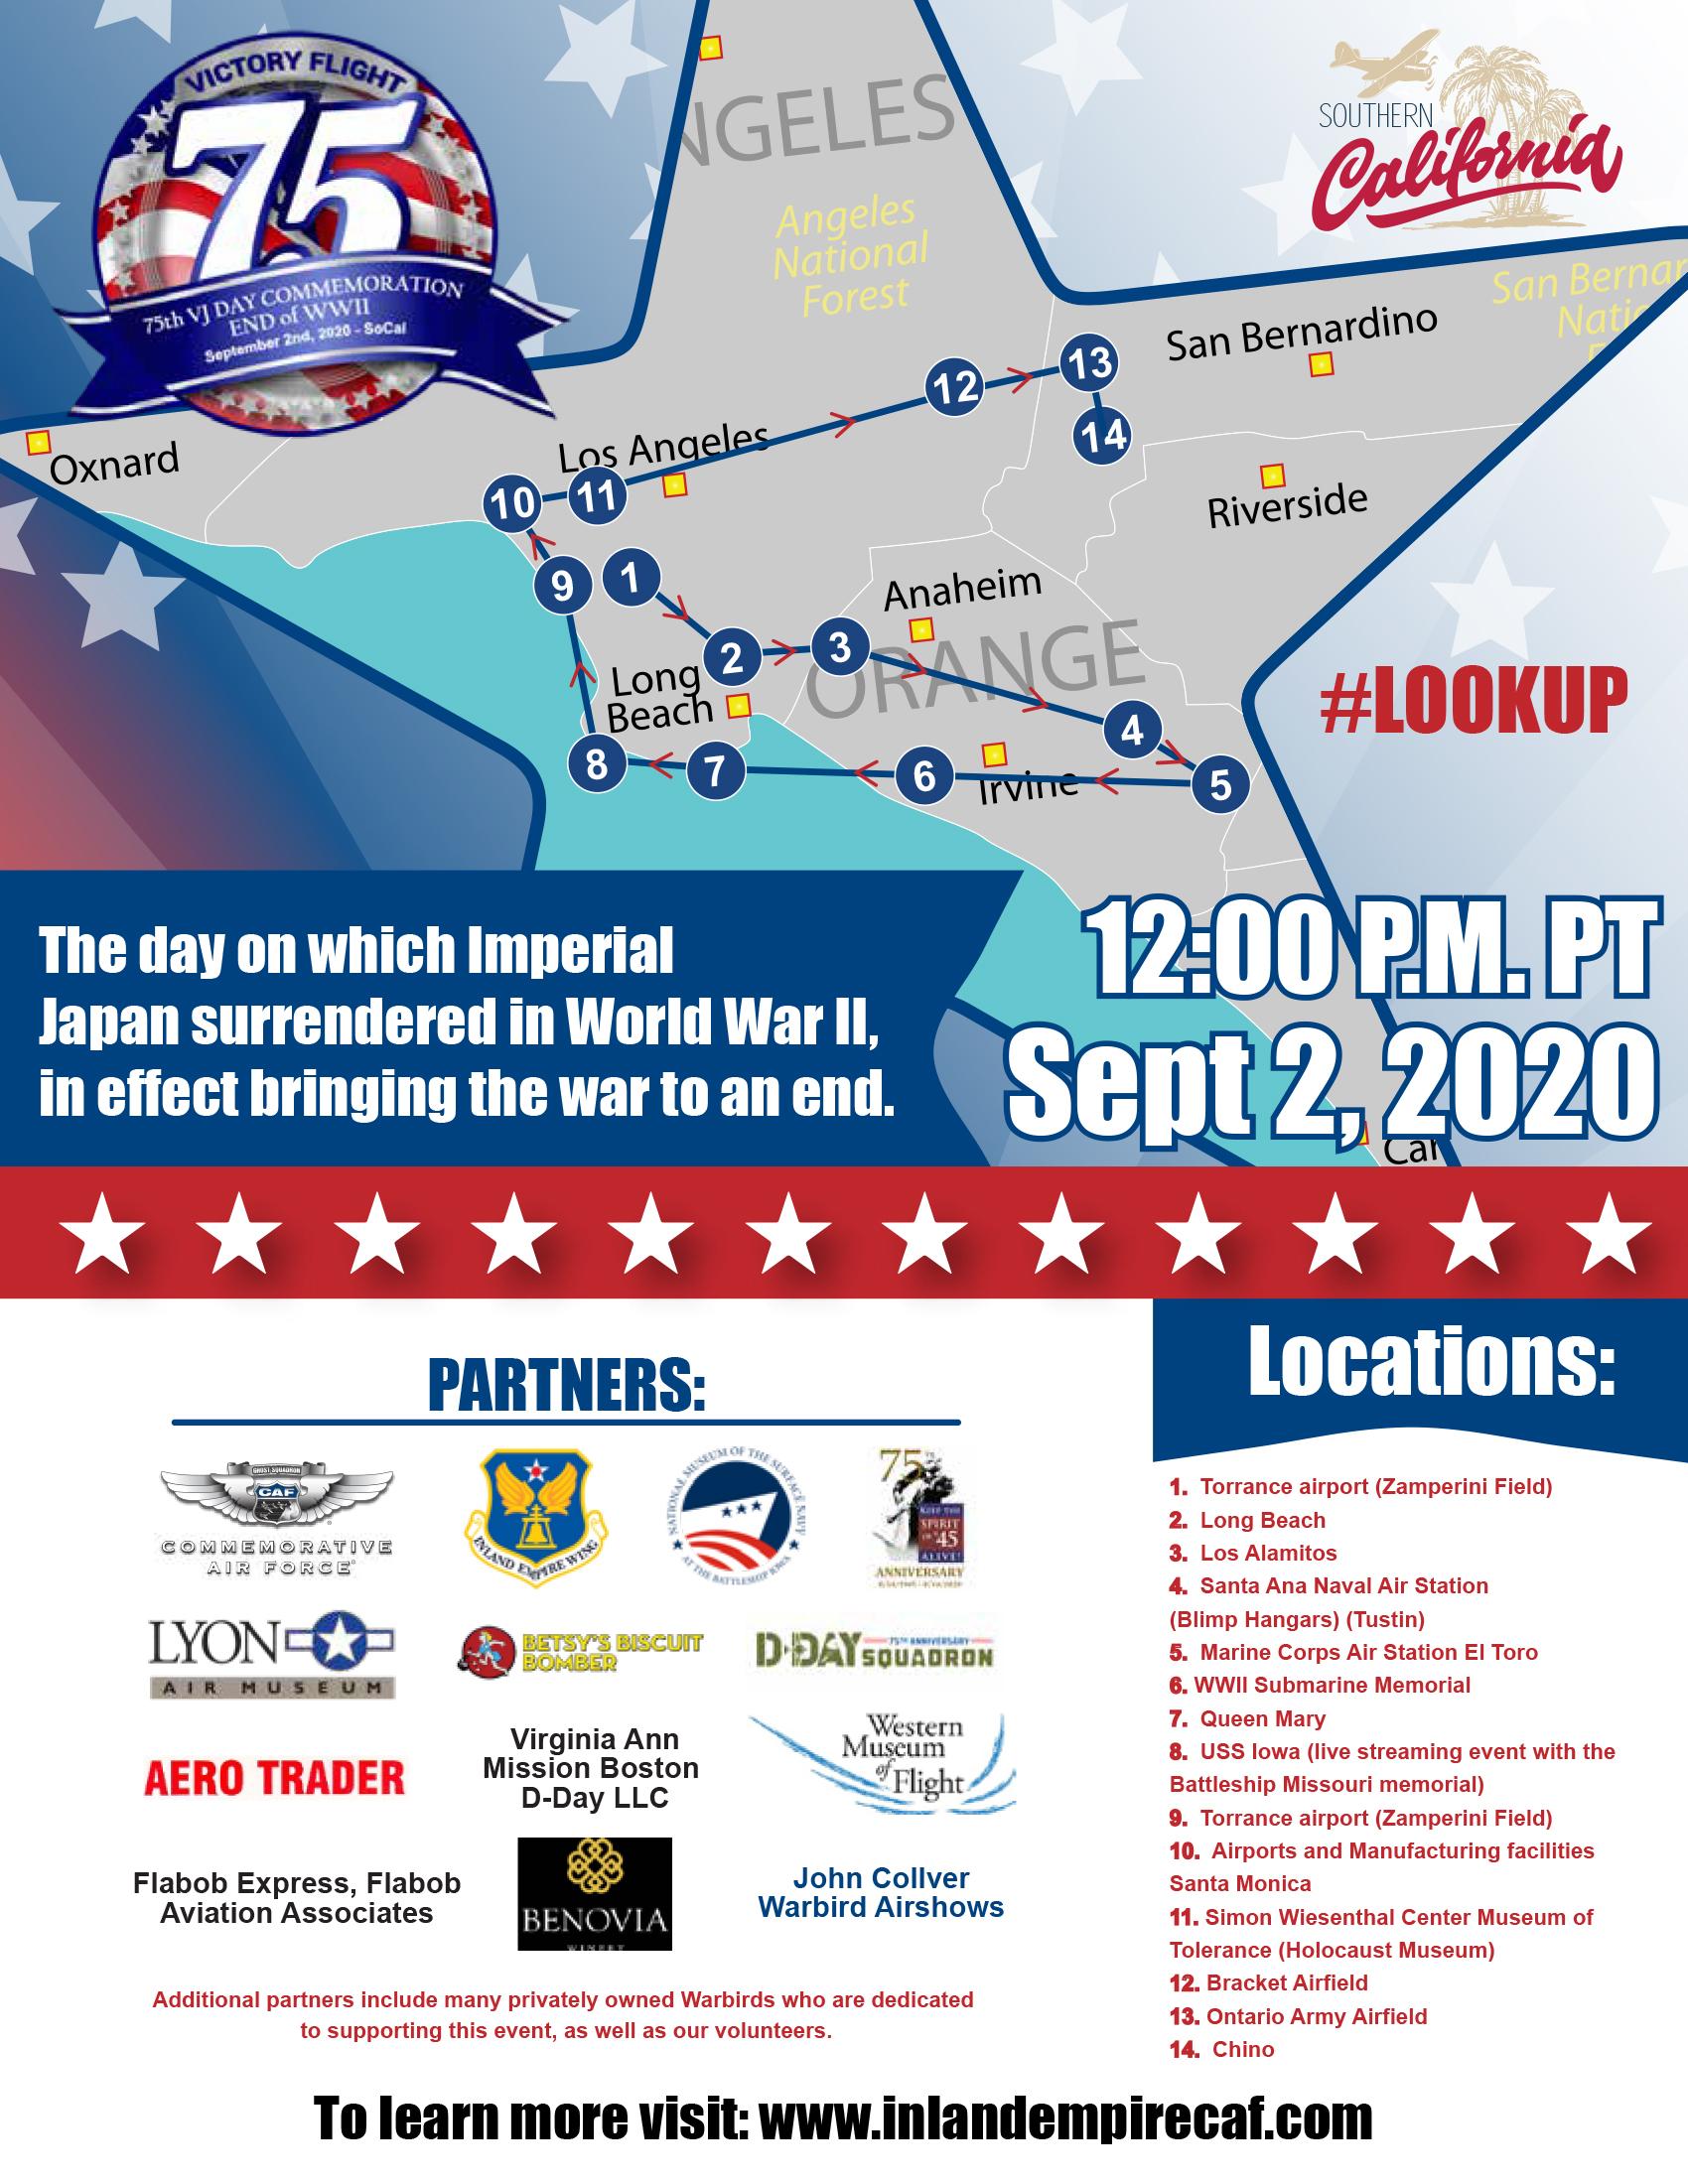 https://homelandmagazine.com/wp-content/uploads/2020/08/V-Jay-Day-Flyover-MAP-.jpg